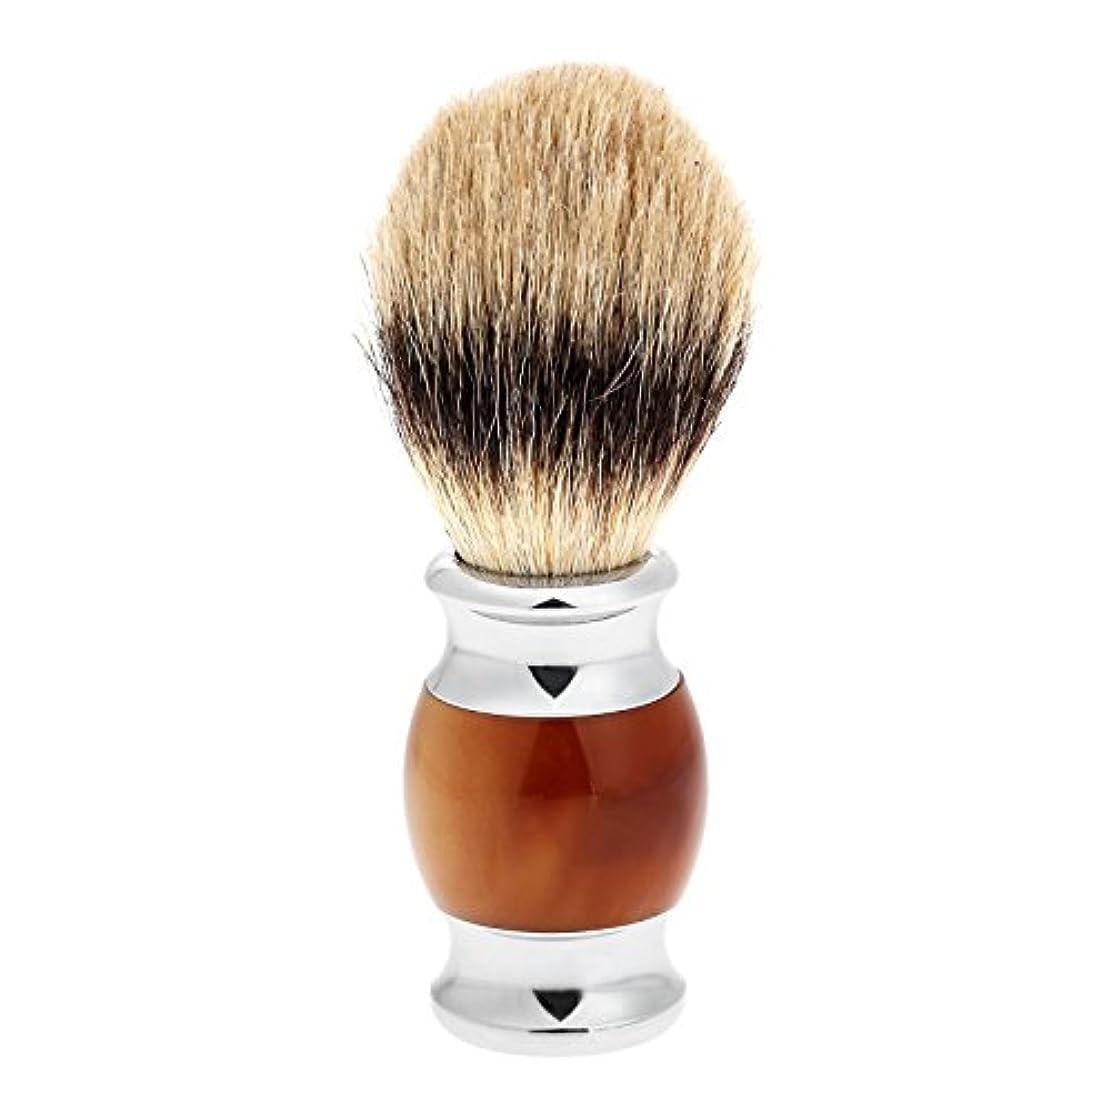 野ウサギ取り出すモバイル1PC メンズ ひげブラシ アナグマ毛 シェービングブラシ バーバー シェービング用ブラシ 理容 洗顔 髭剃り